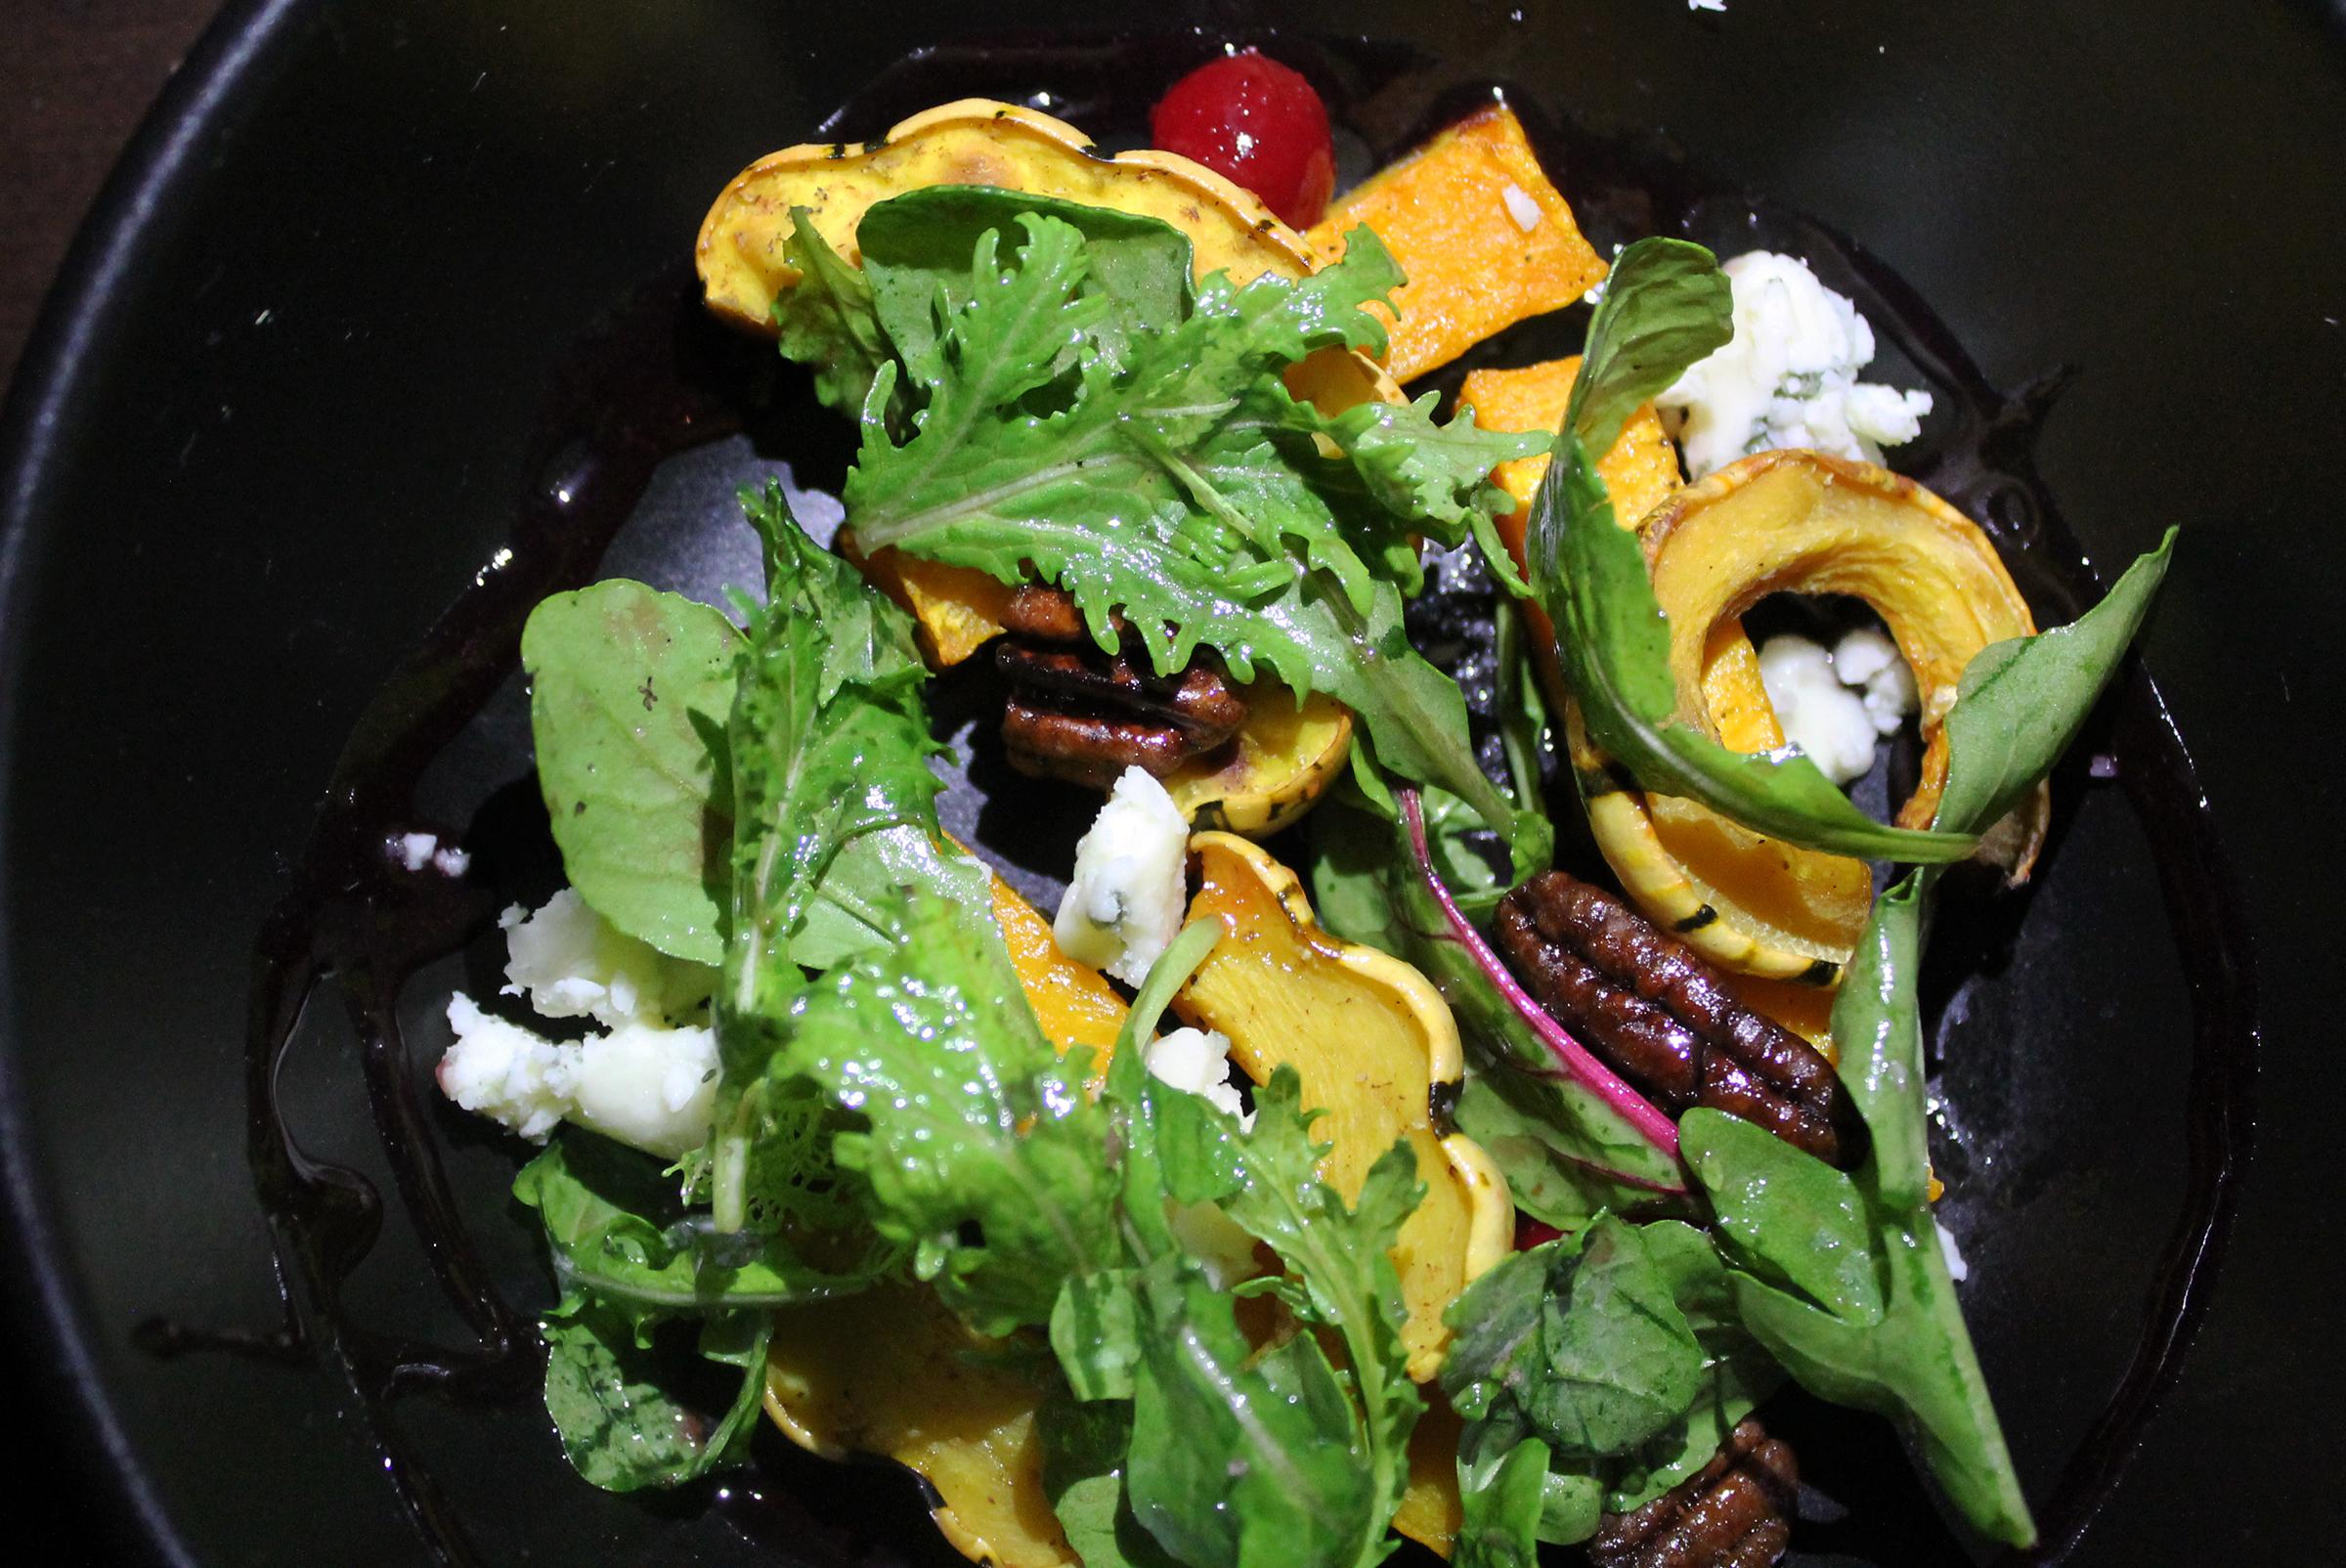 Winter Squash Salad: Cranberries, Candied Pecans, Gorgonzola, Arugula